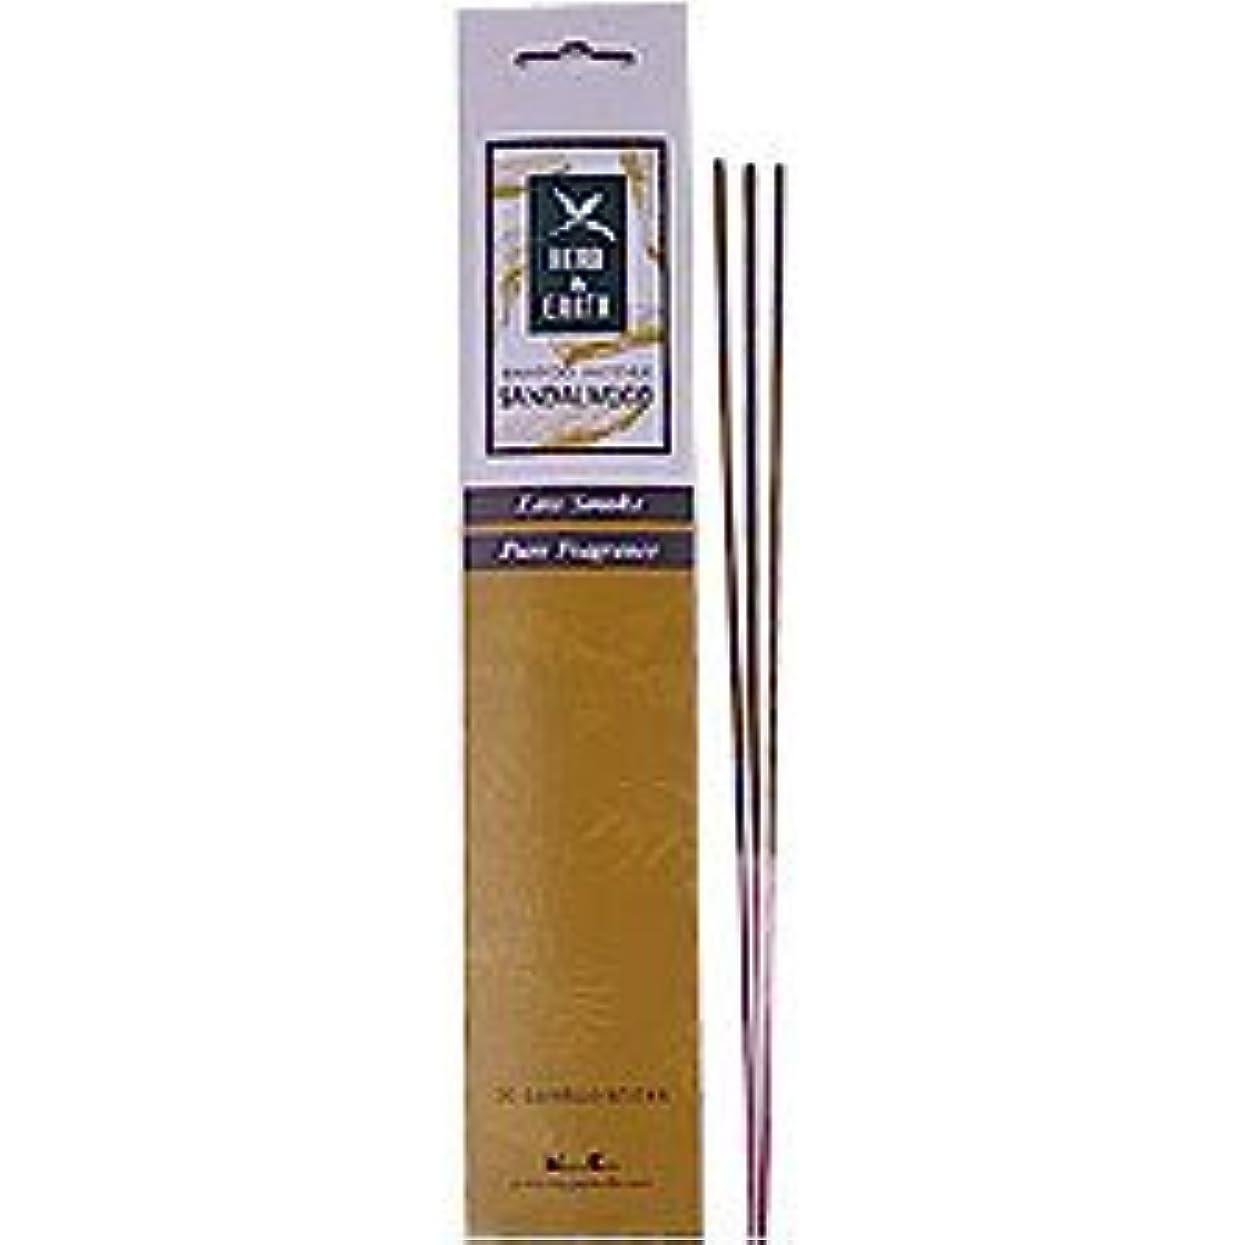 はねかけるパール投資Sandalwood - Herb and Earth Incense From Nippon Kodo - 20 Stick Package by Herb & Earth [並行輸入品]